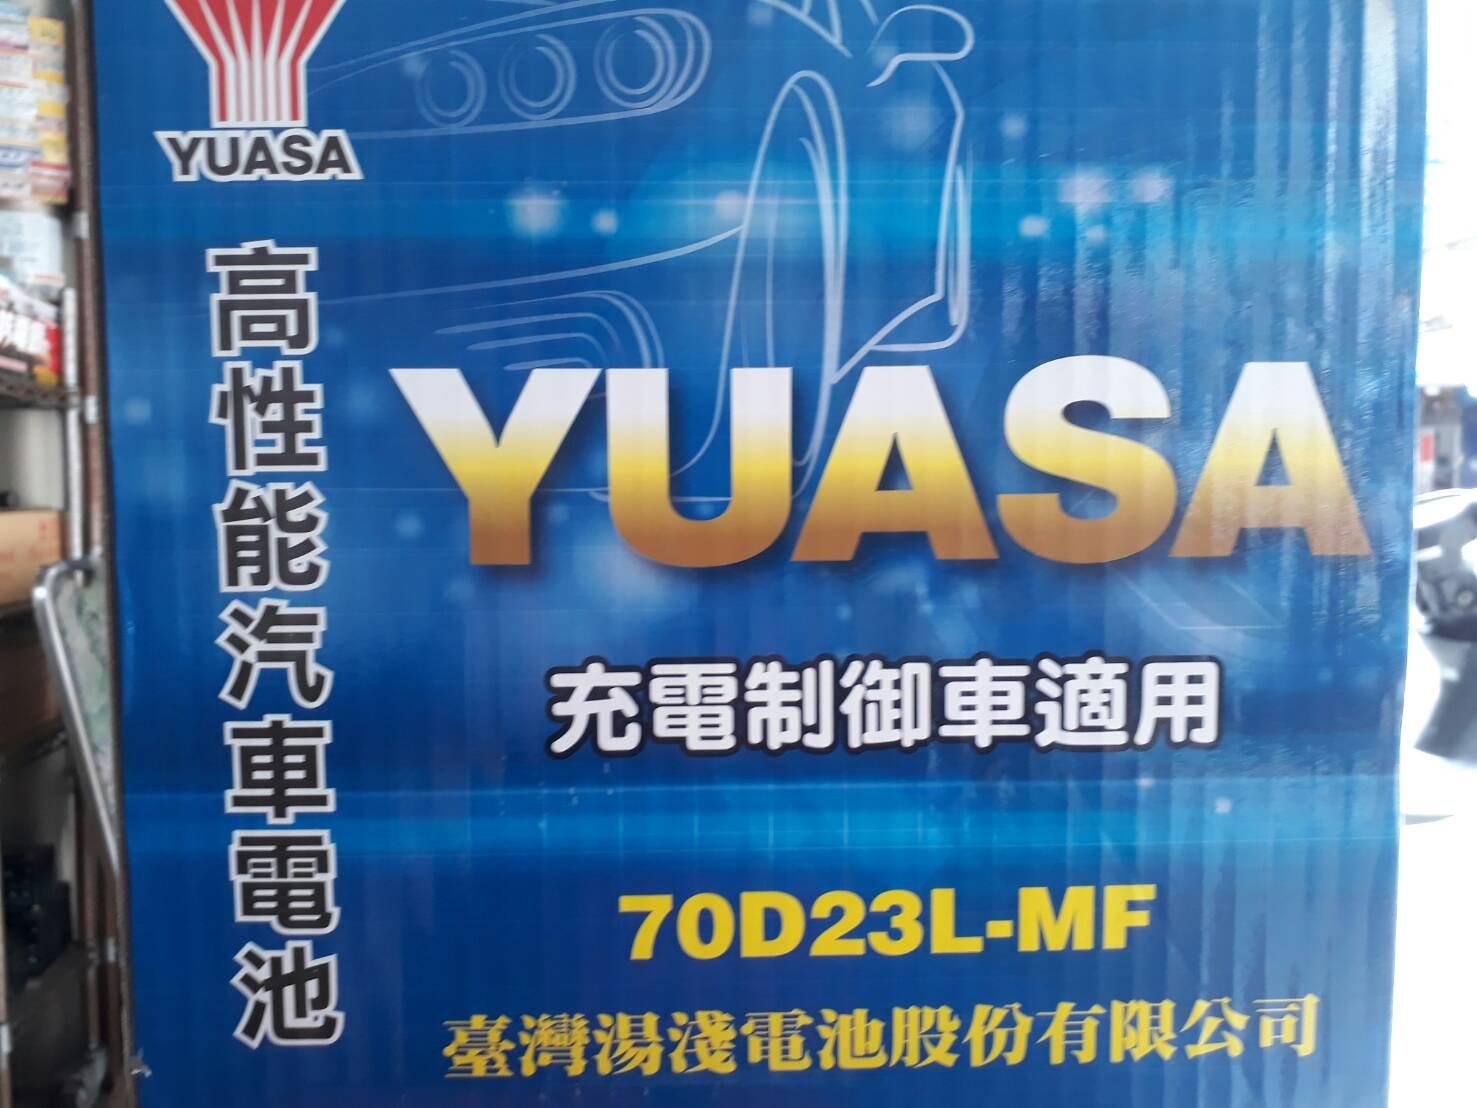 [新莊實體店面]~充電制御電池 YUASA 加水式低保養 70D23L-MF(55D23L 60D23L)